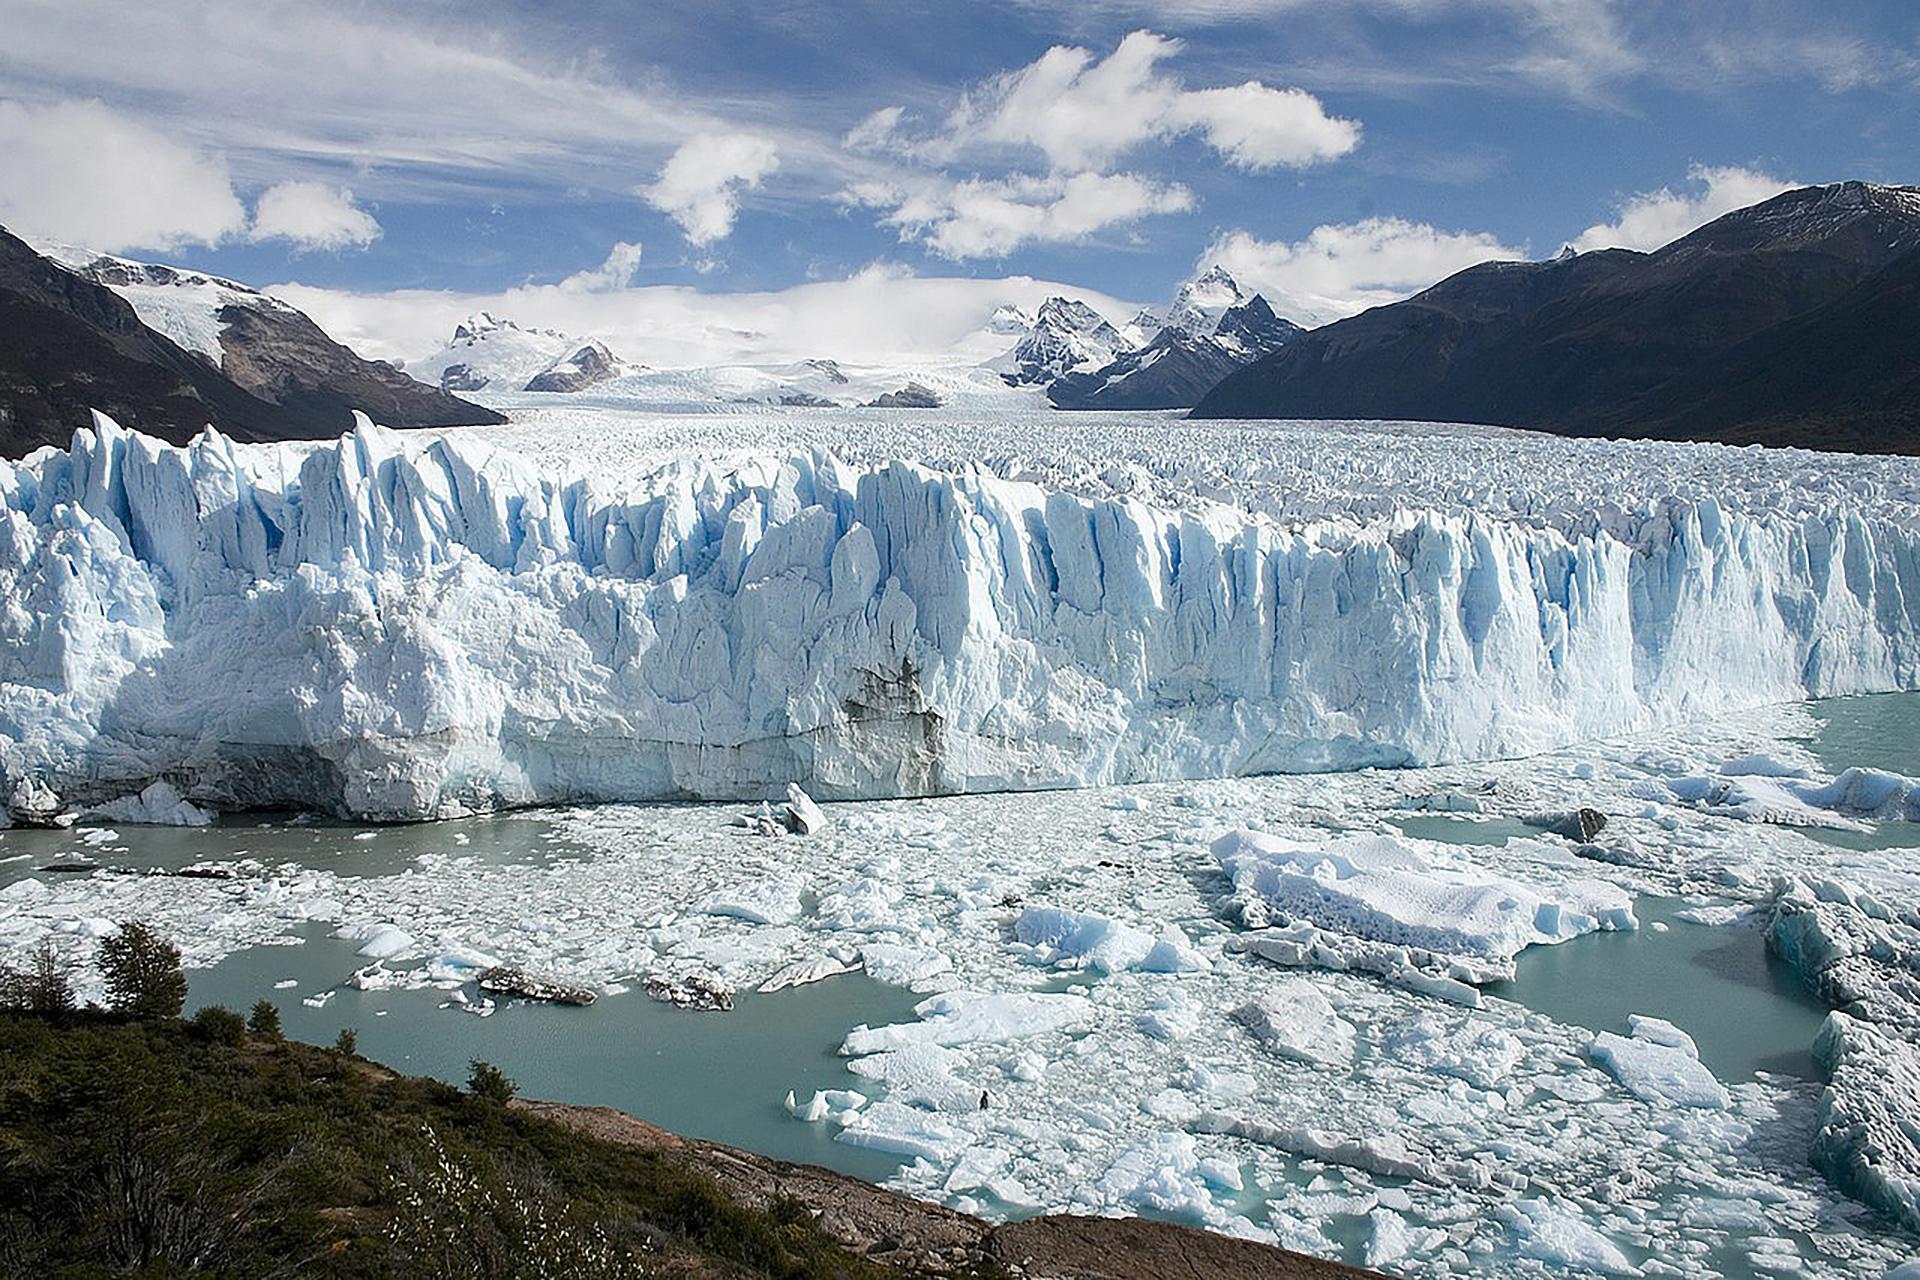 Los hielos del Perito Moreno avanzan sin cesar, lo cual da origen a la ruptura y desprendimiento de gigantescos bloques congelados. (Wikipedia)